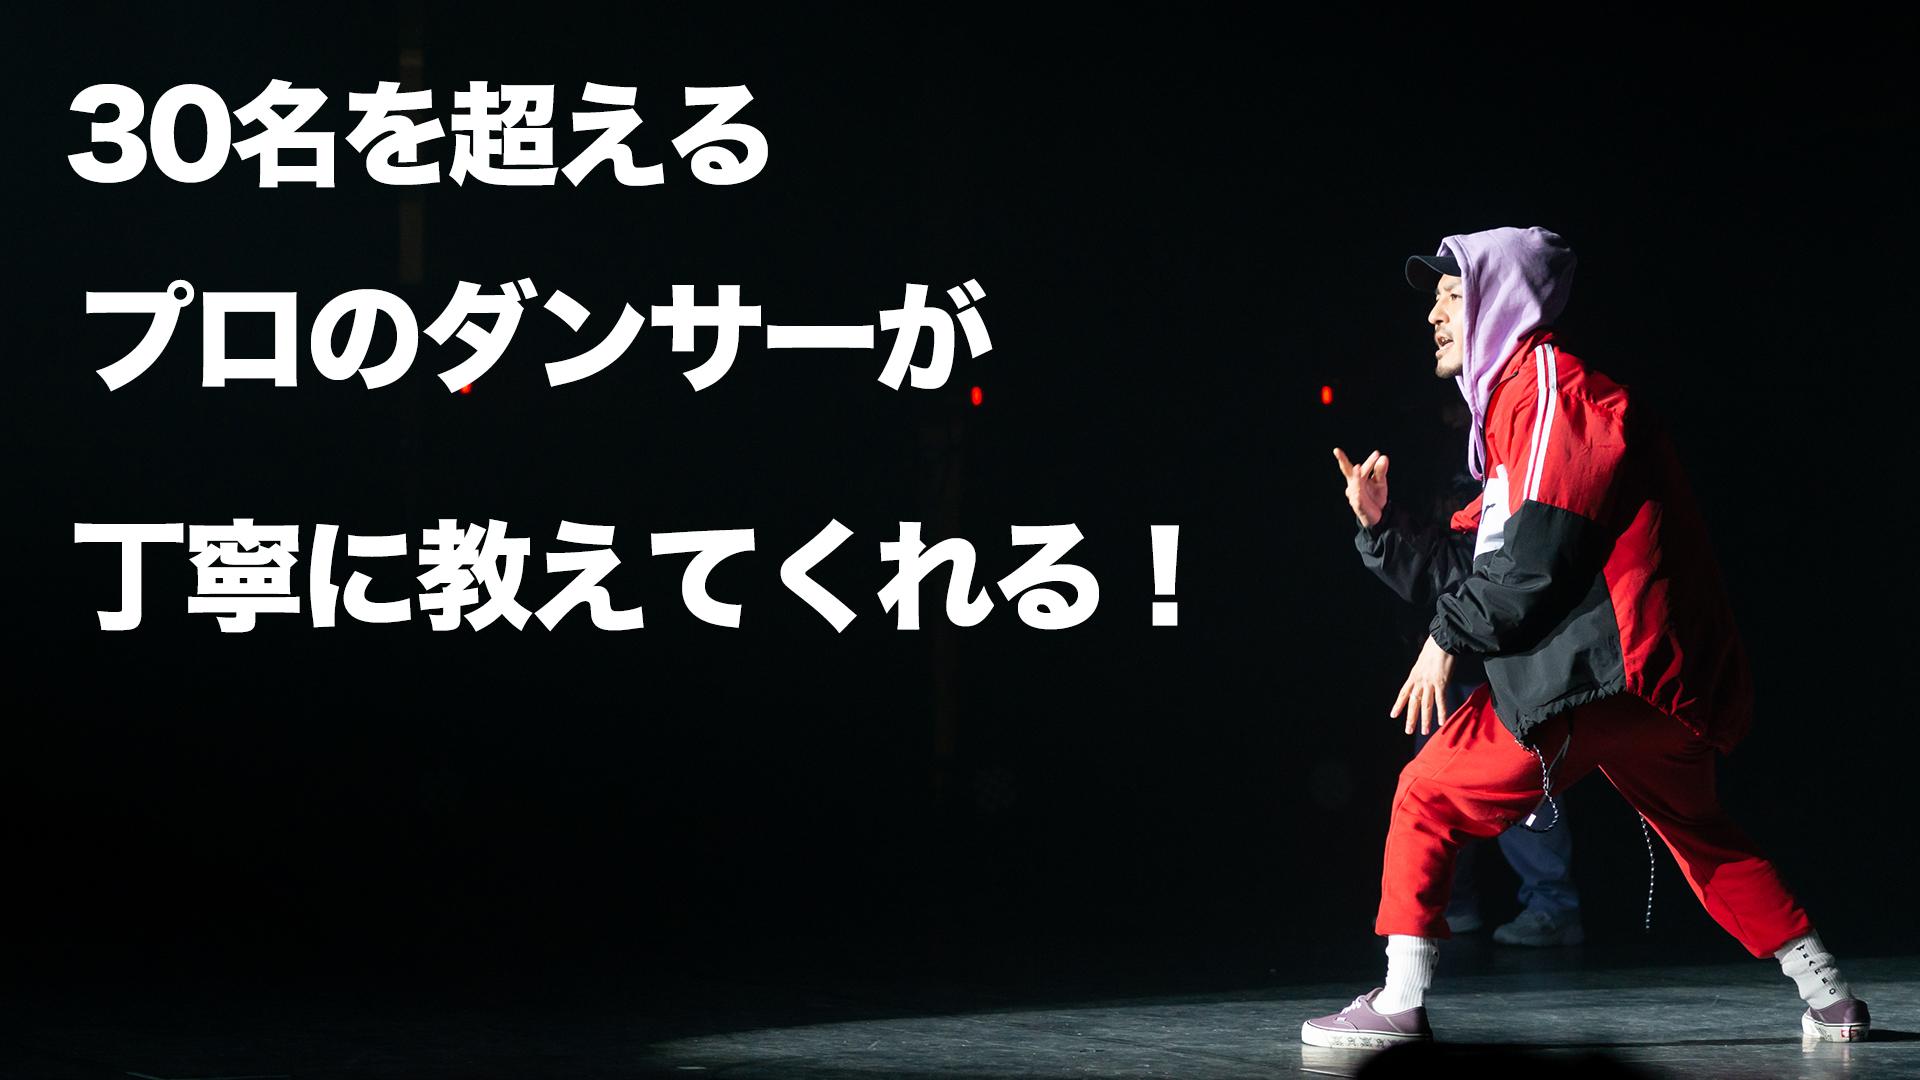 福岡でダンススクールをお探しの方へ!ドットカラーが絶対オススメの理由!